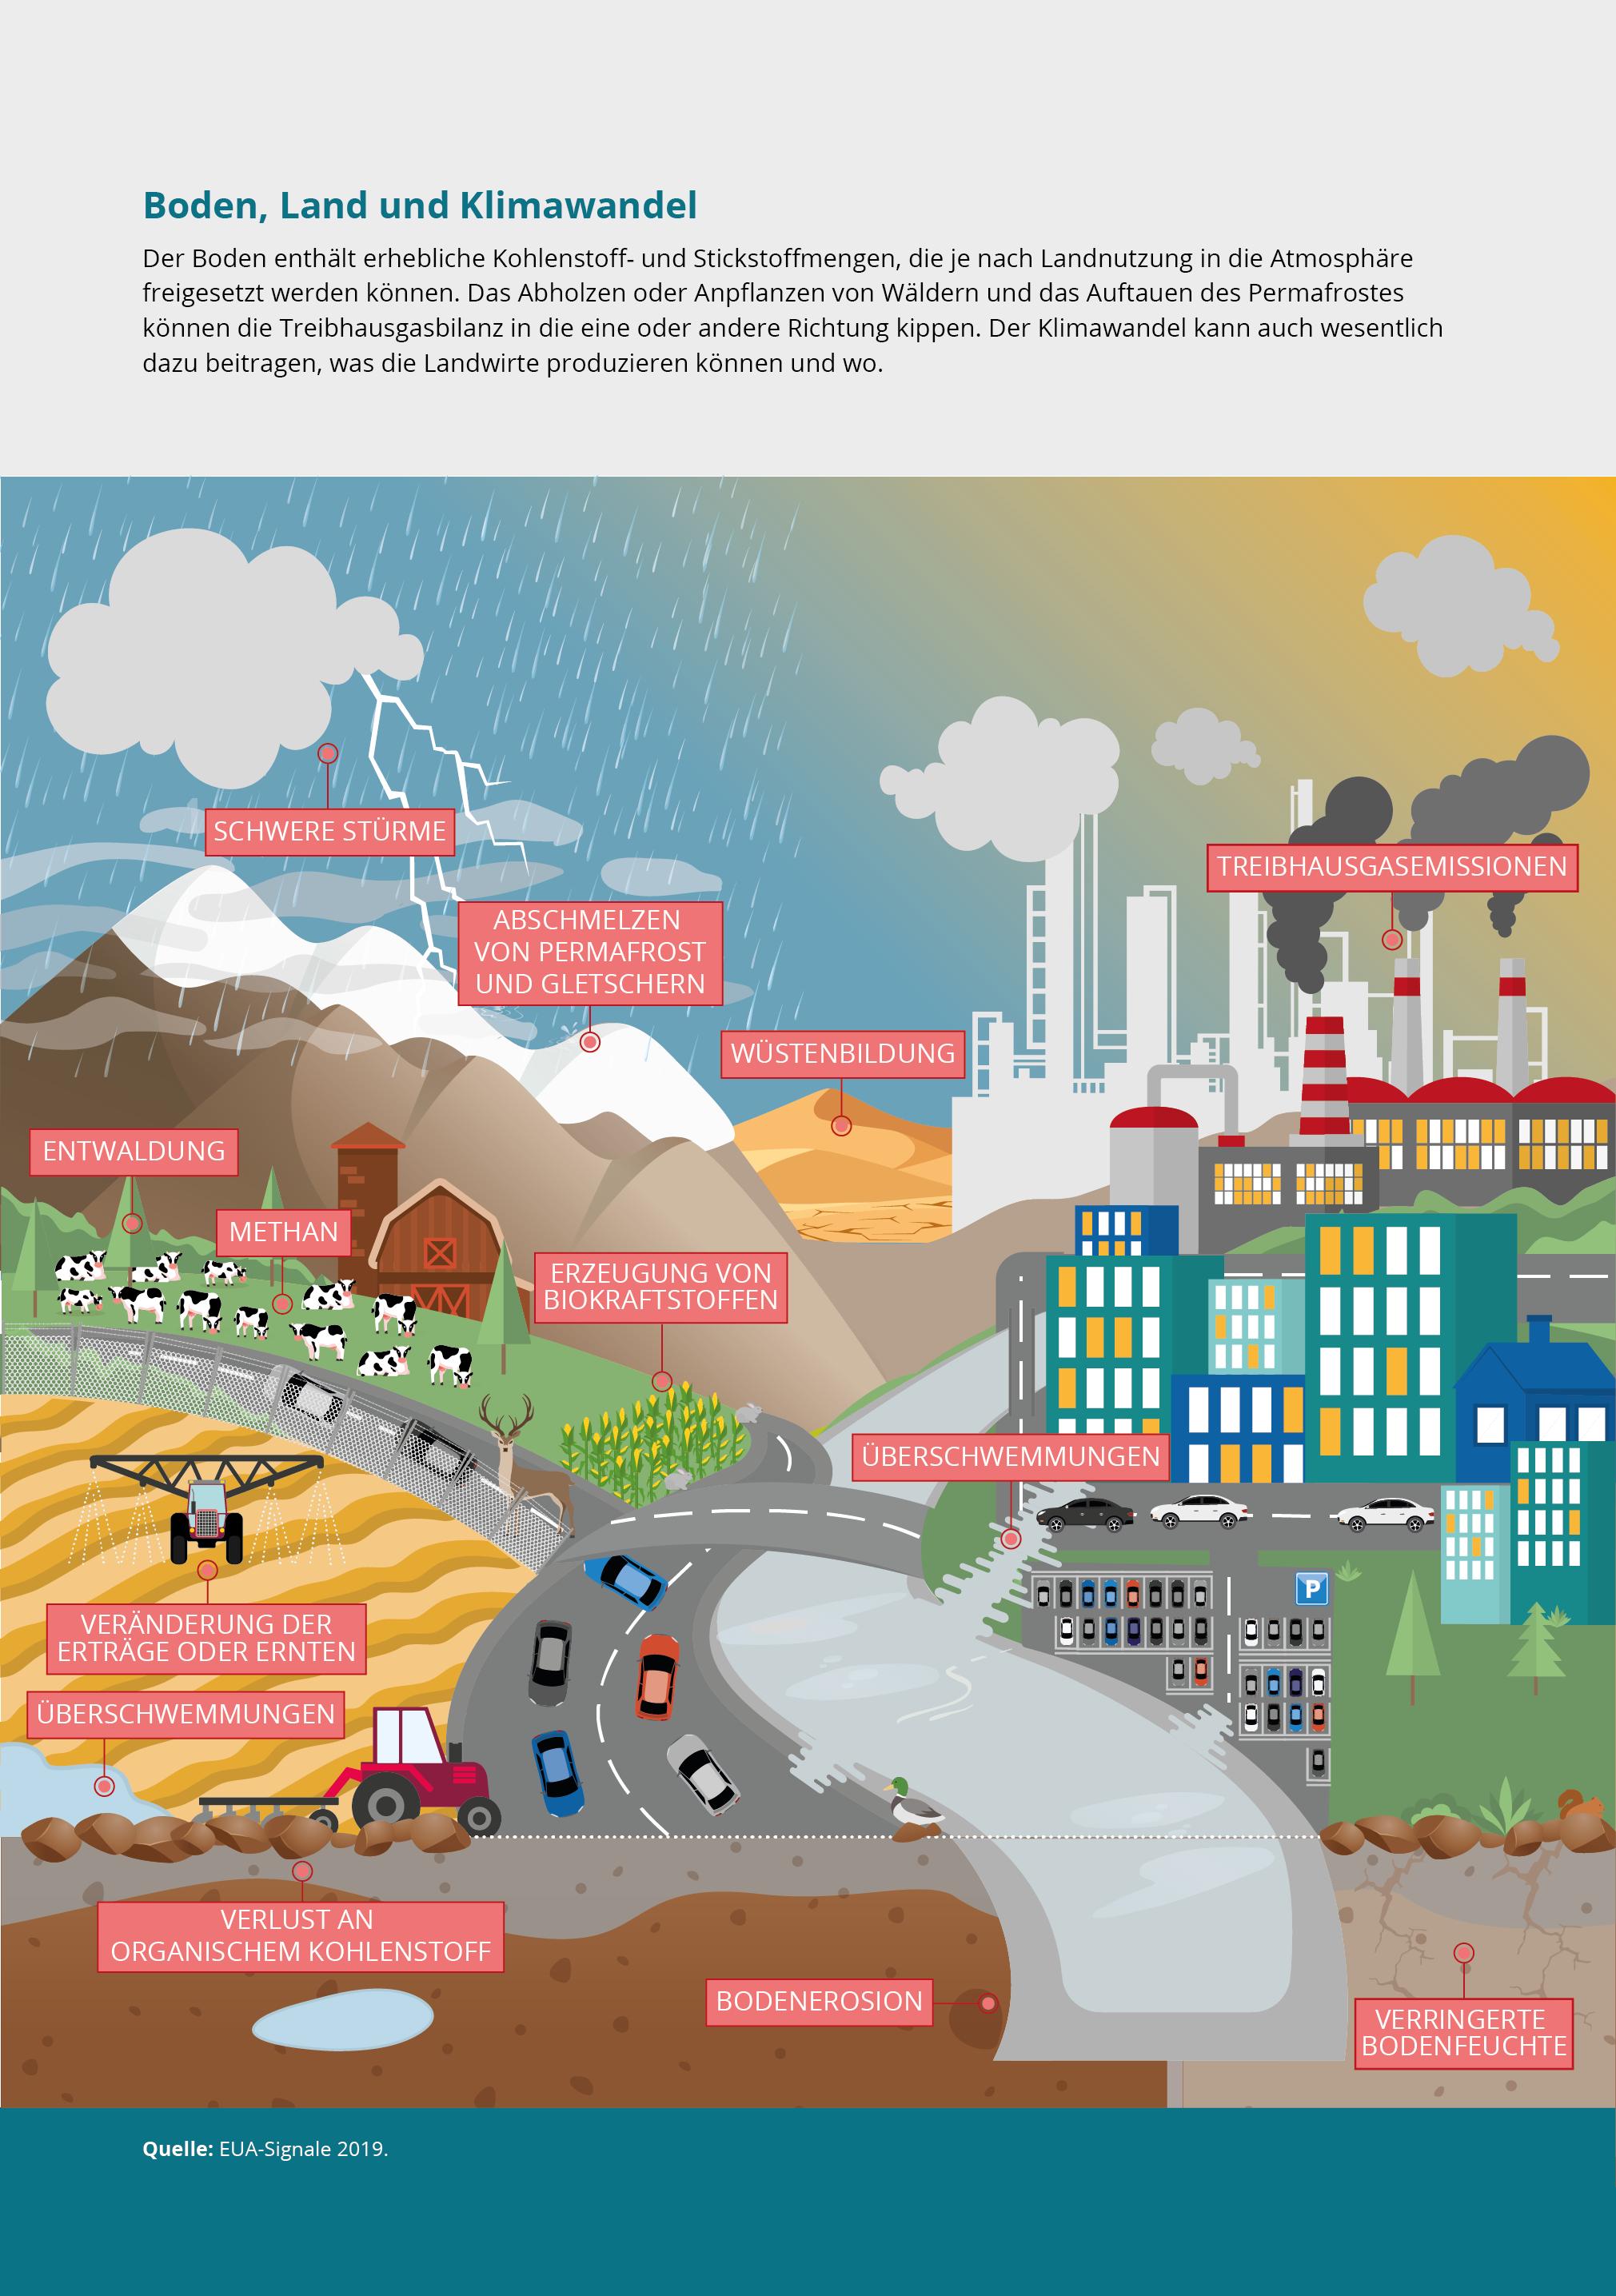 Boden, Land und Klimawandel